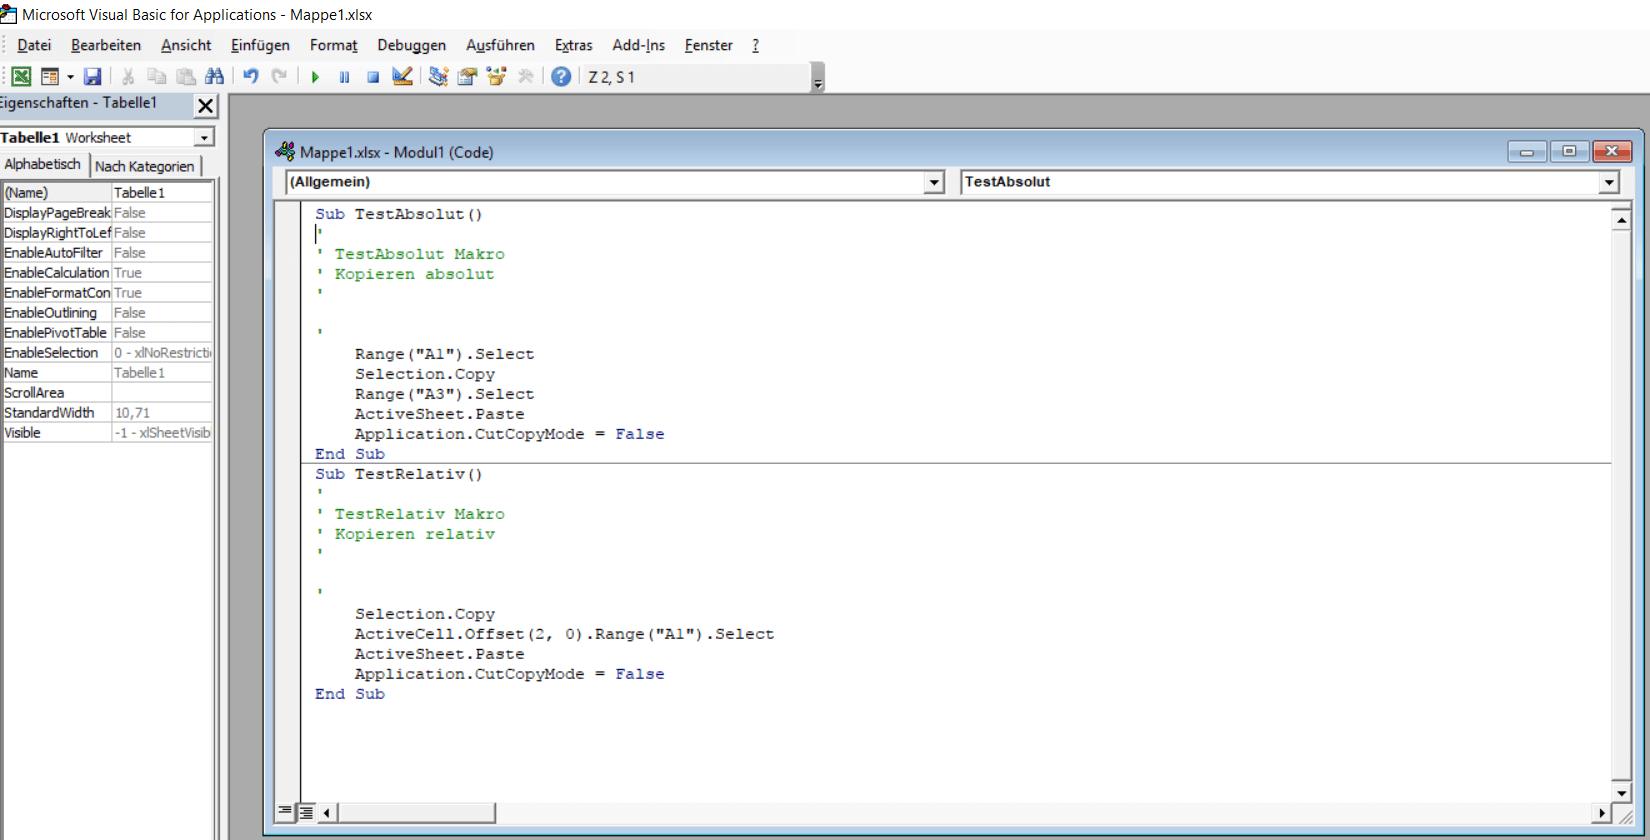 Excel Makros ganz einfach erklärt | Excelhero